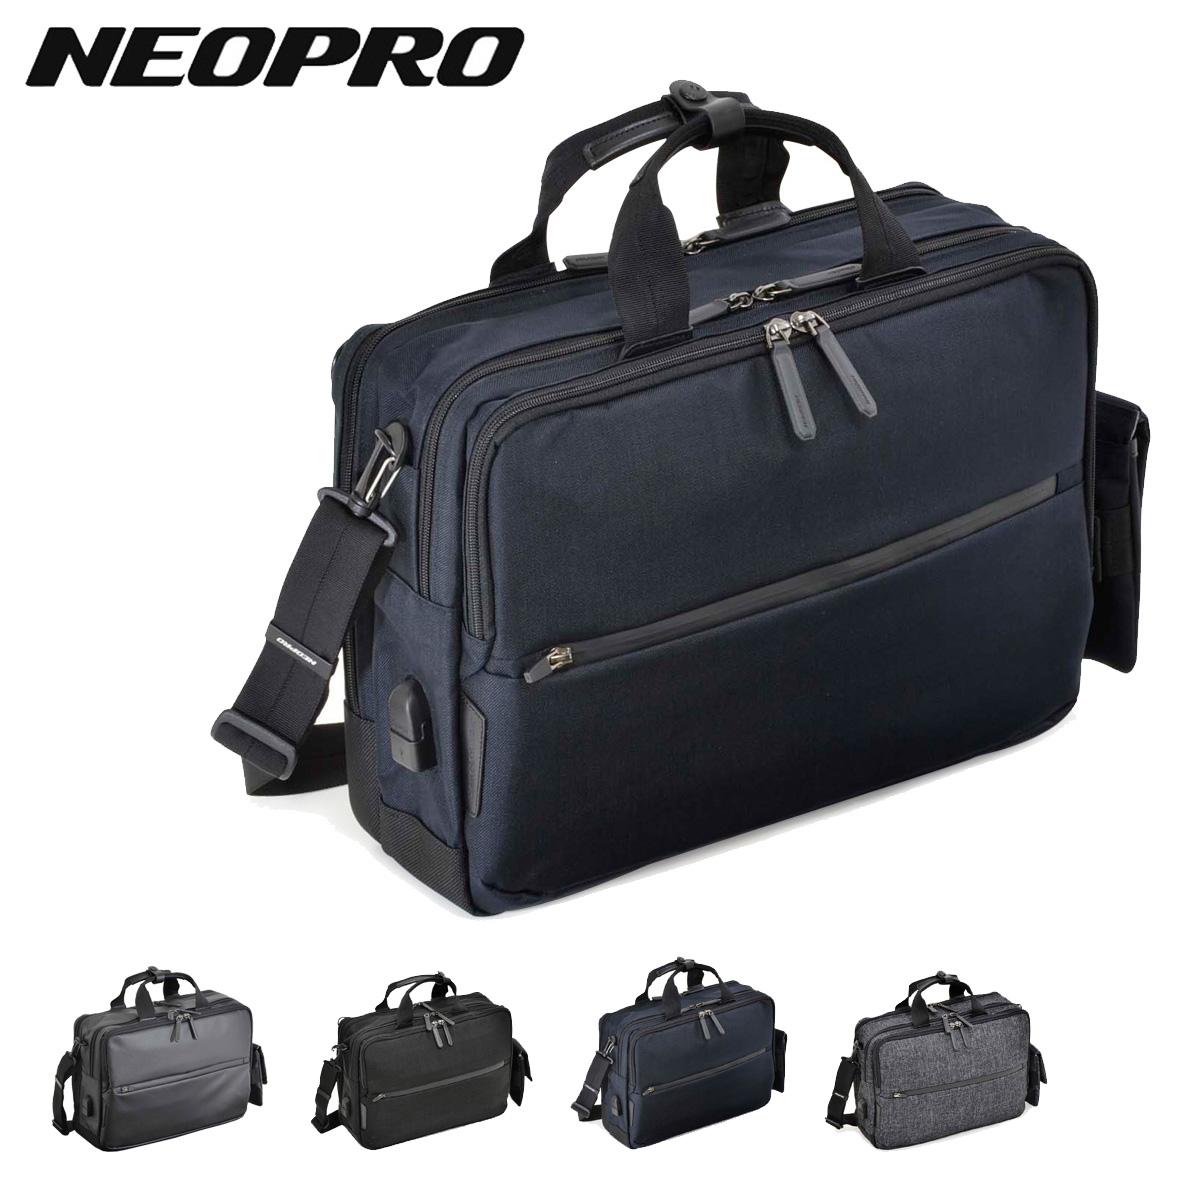 ネオプロ ビジネスバッグ 3WAY メンズ コネクト 2-771 NEOPRO ショルダーバッグ バックパック ビジネスリュック ブリーフケース 防災リュック 防災バッグ [PO10][bef]